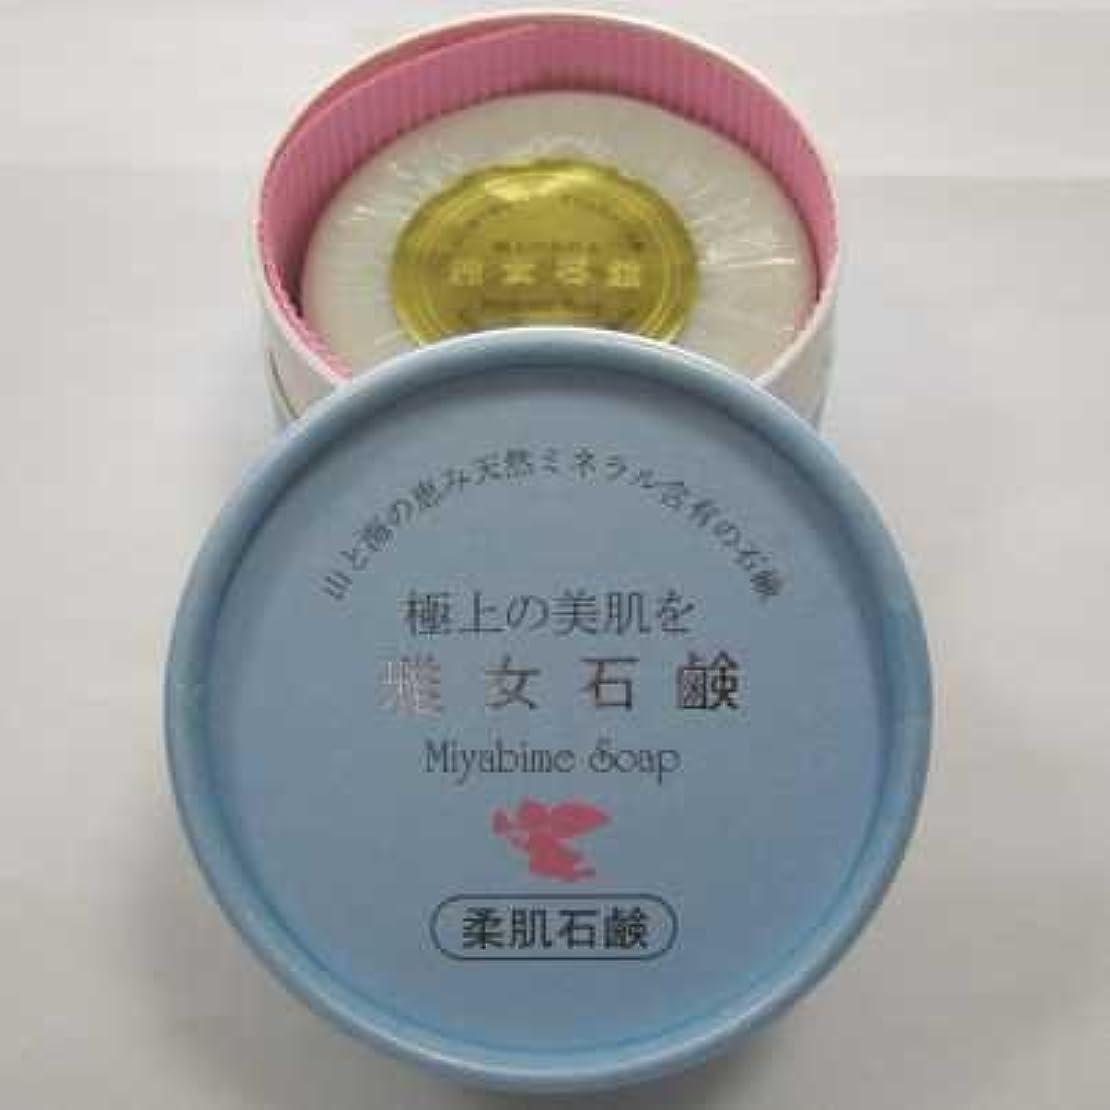 午後グラディス私雅女石鹸(Miyabime Soap)